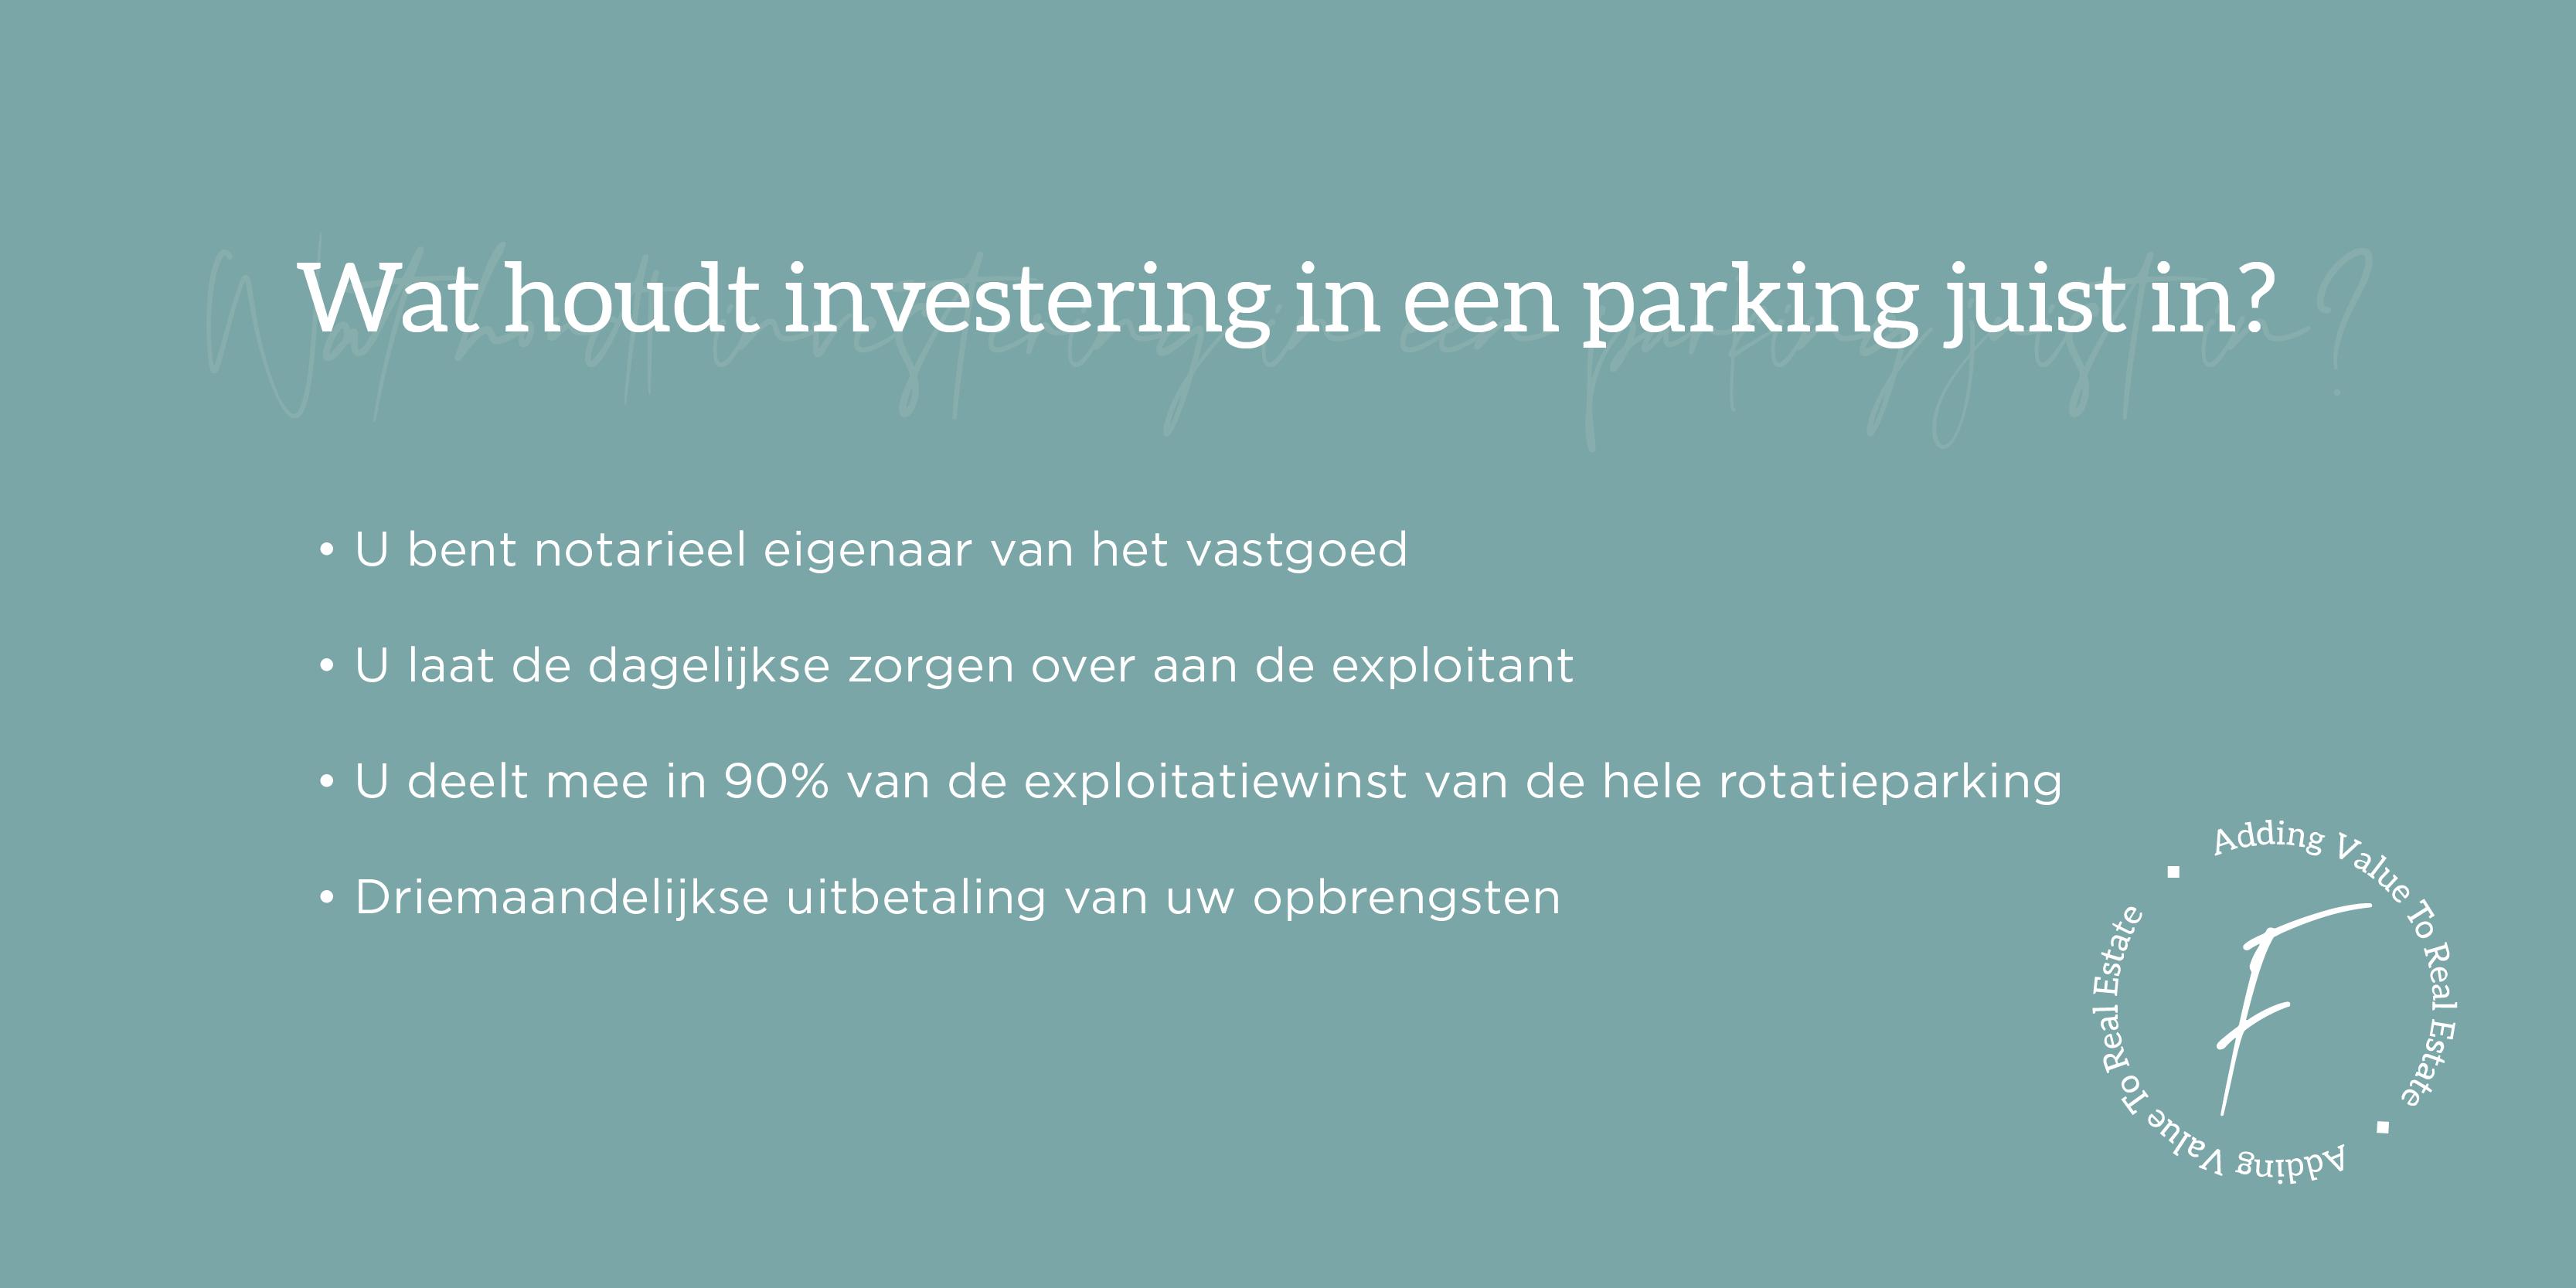 Waarom investeren in parkings